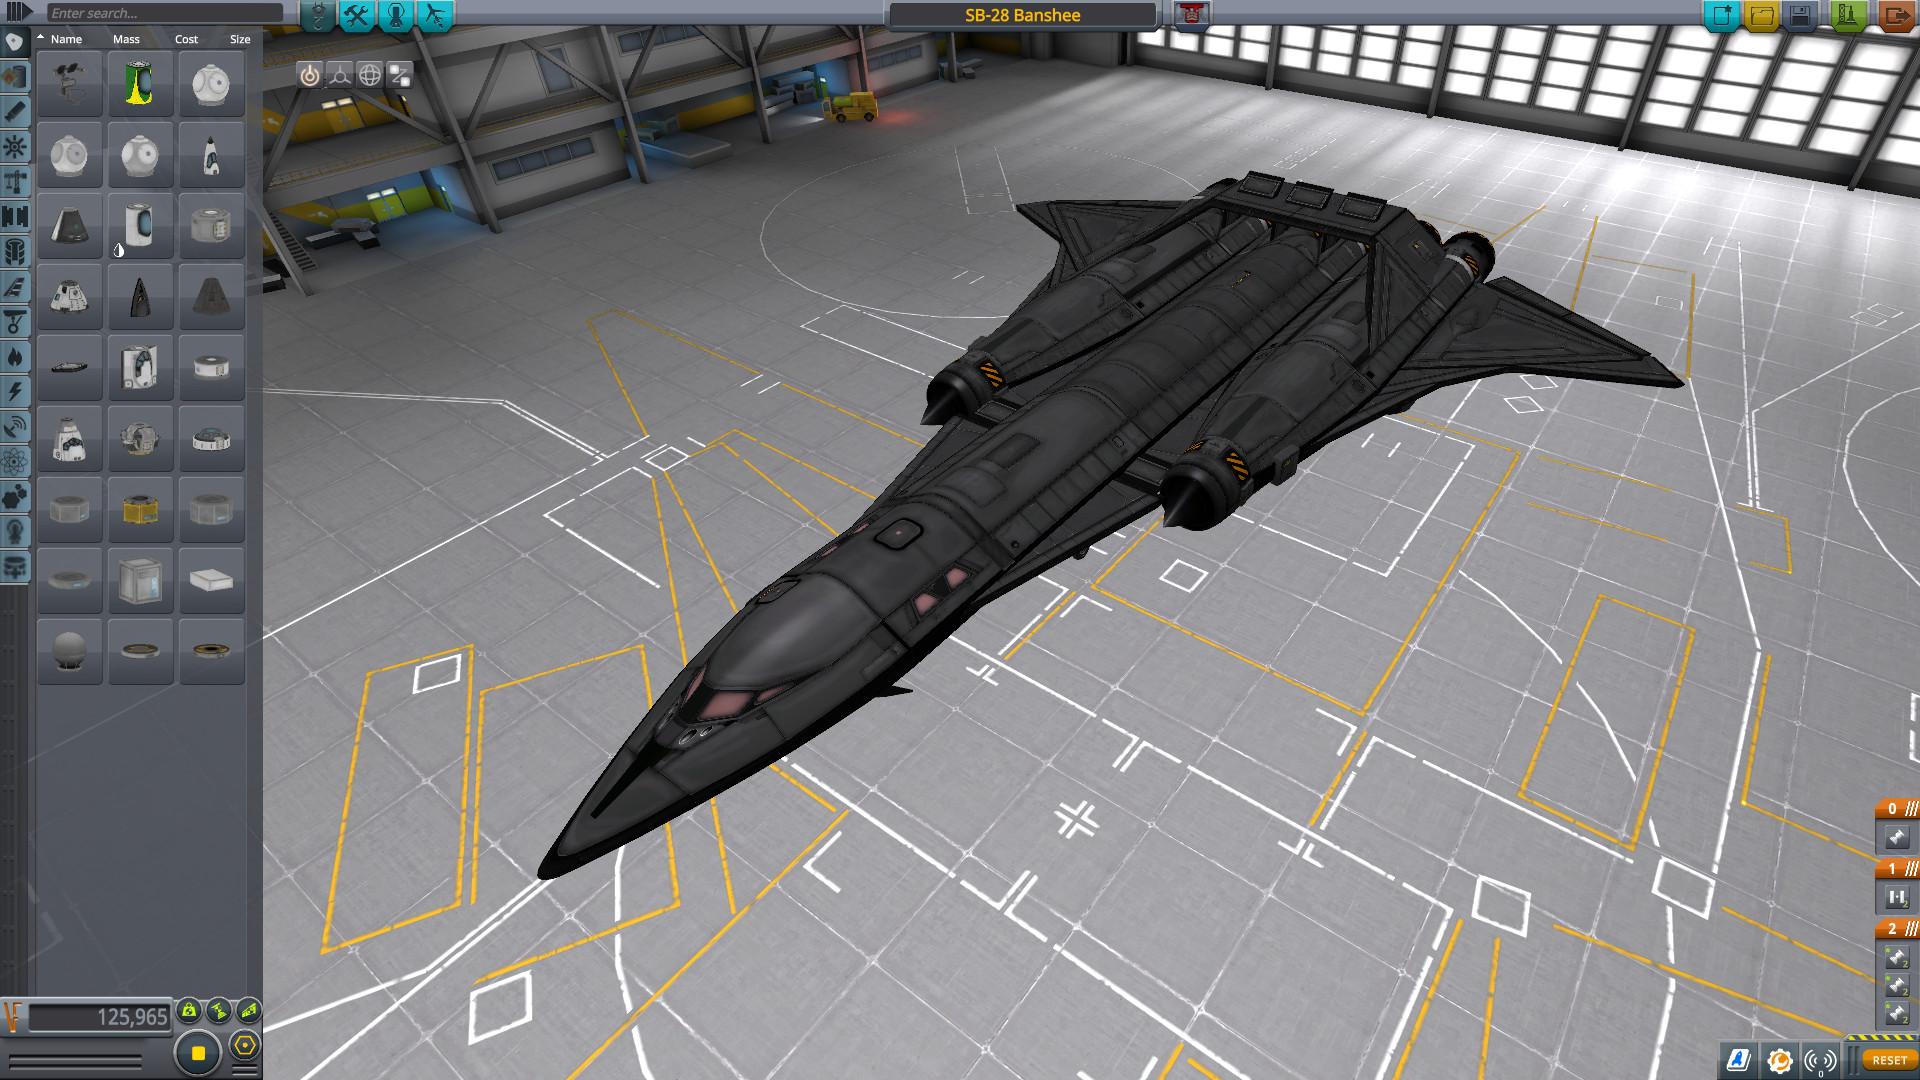 Stealth_Bomber_1.jpg